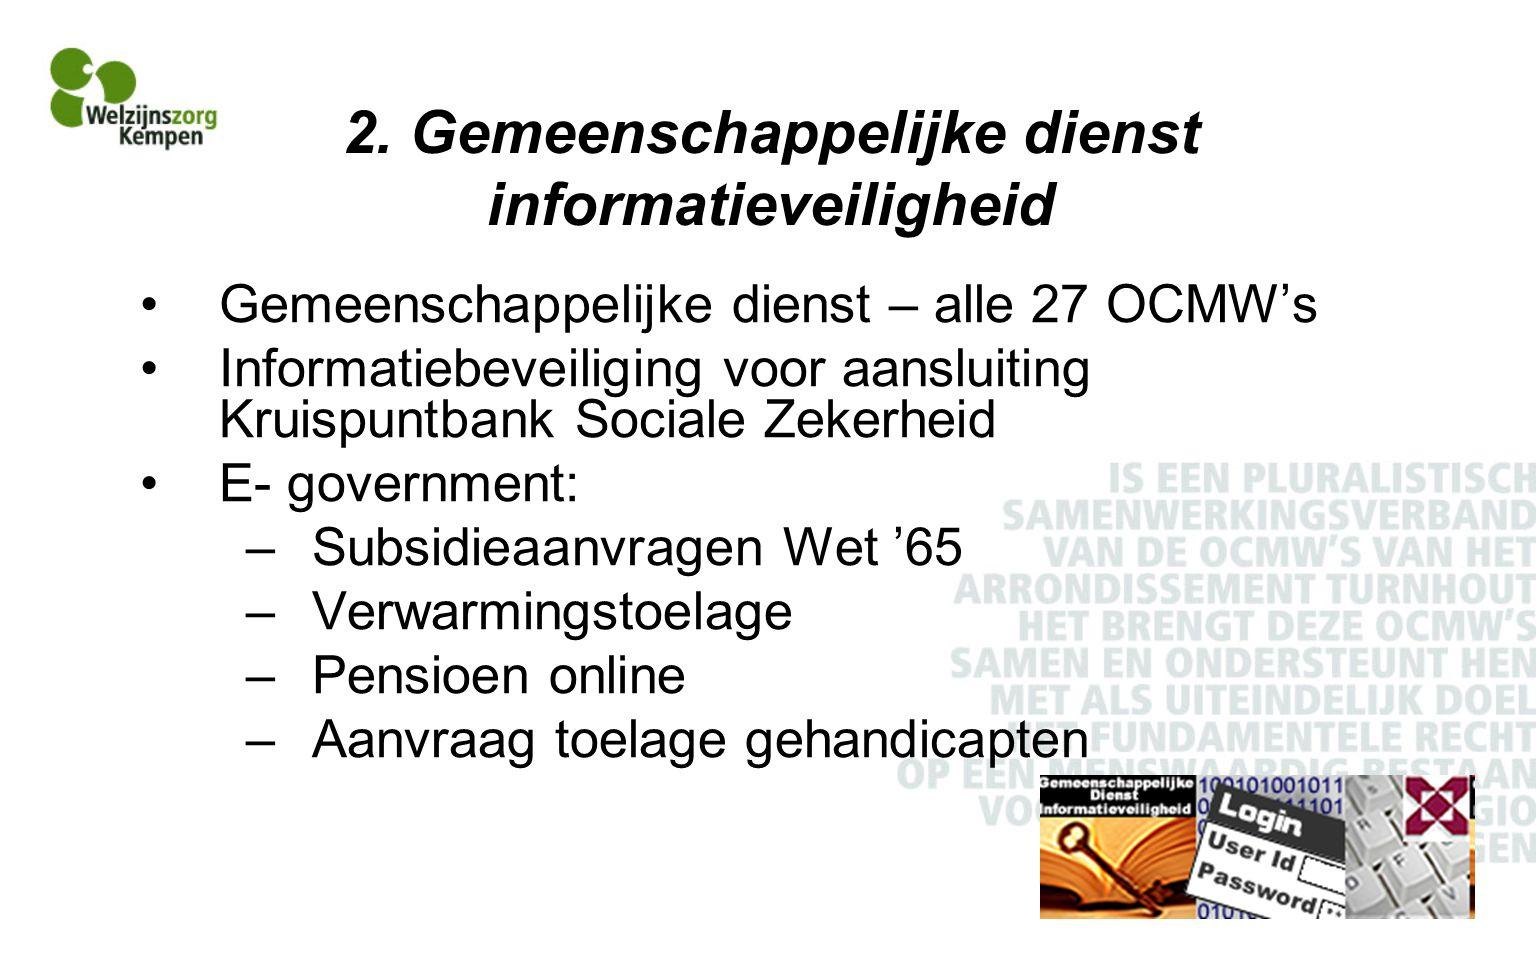 2. Gemeenschappelijke dienst informatieveiligheid